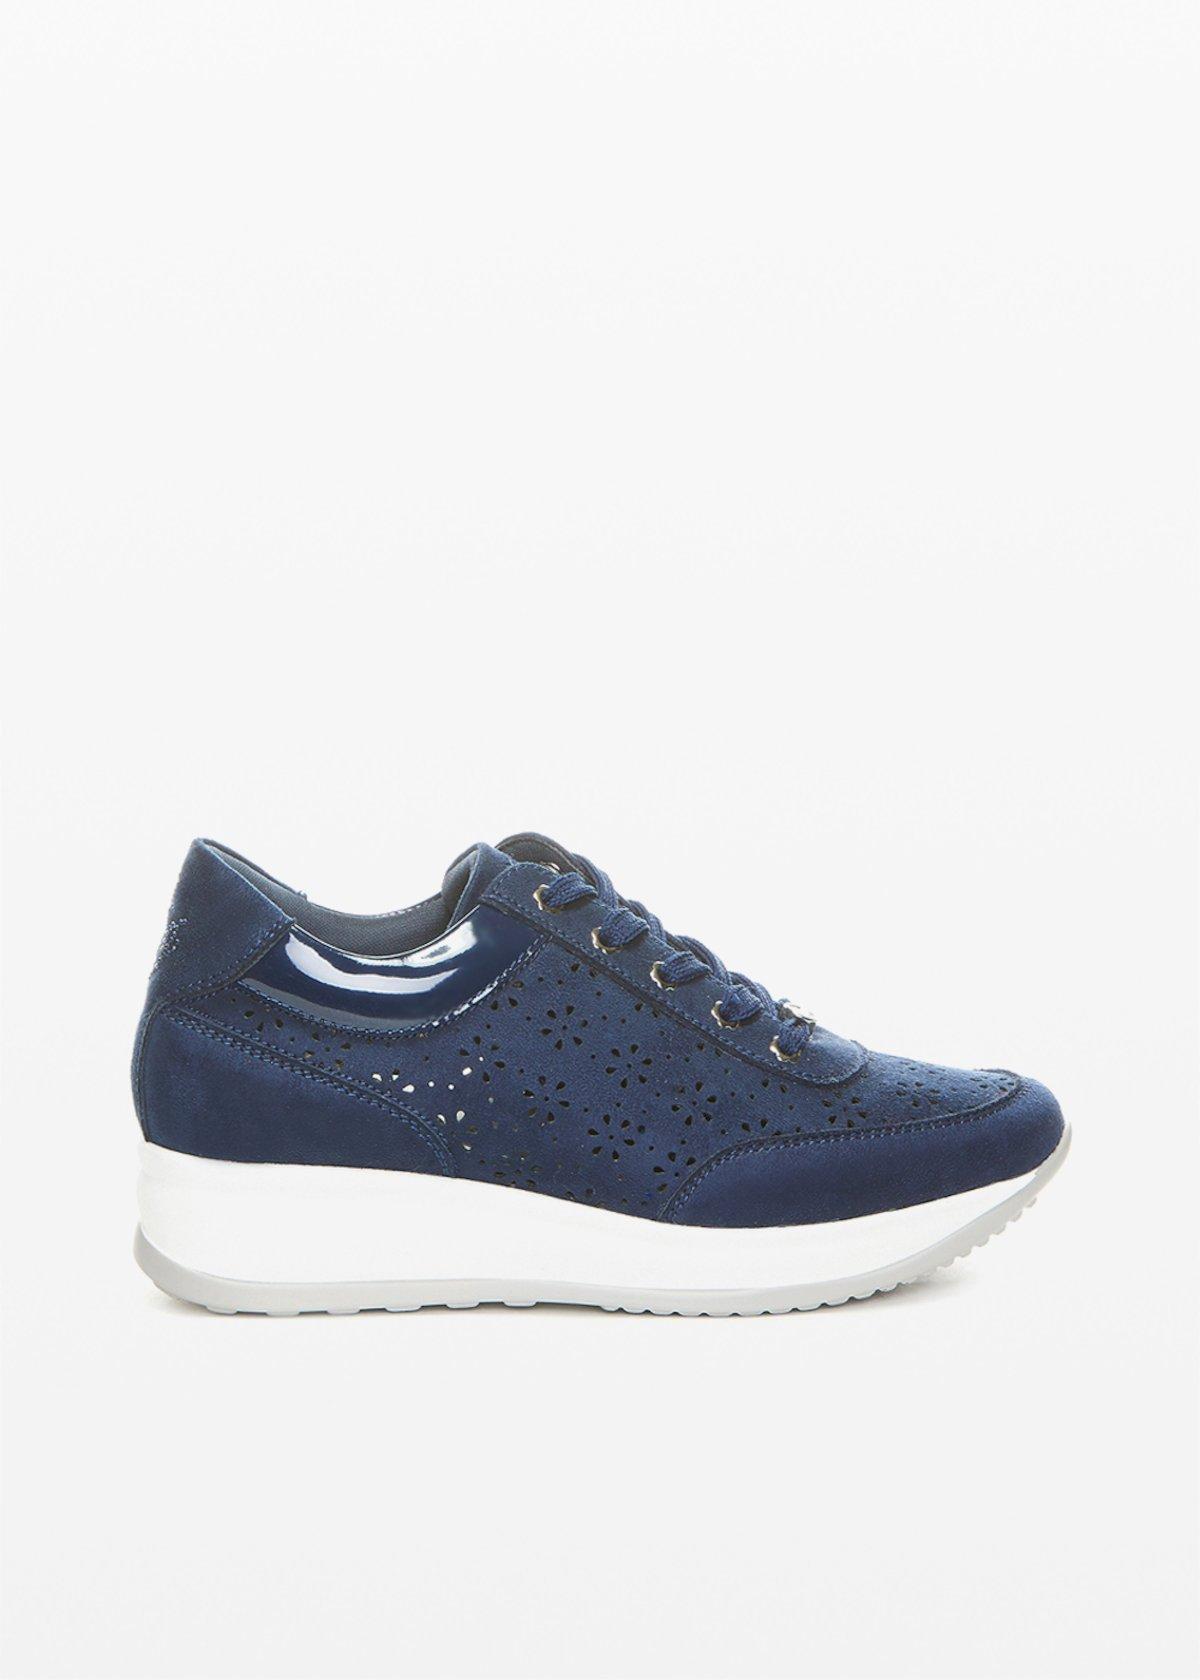 Sneakers Sindy in ecosuede con trafori-flower - Dark Blue - Donna